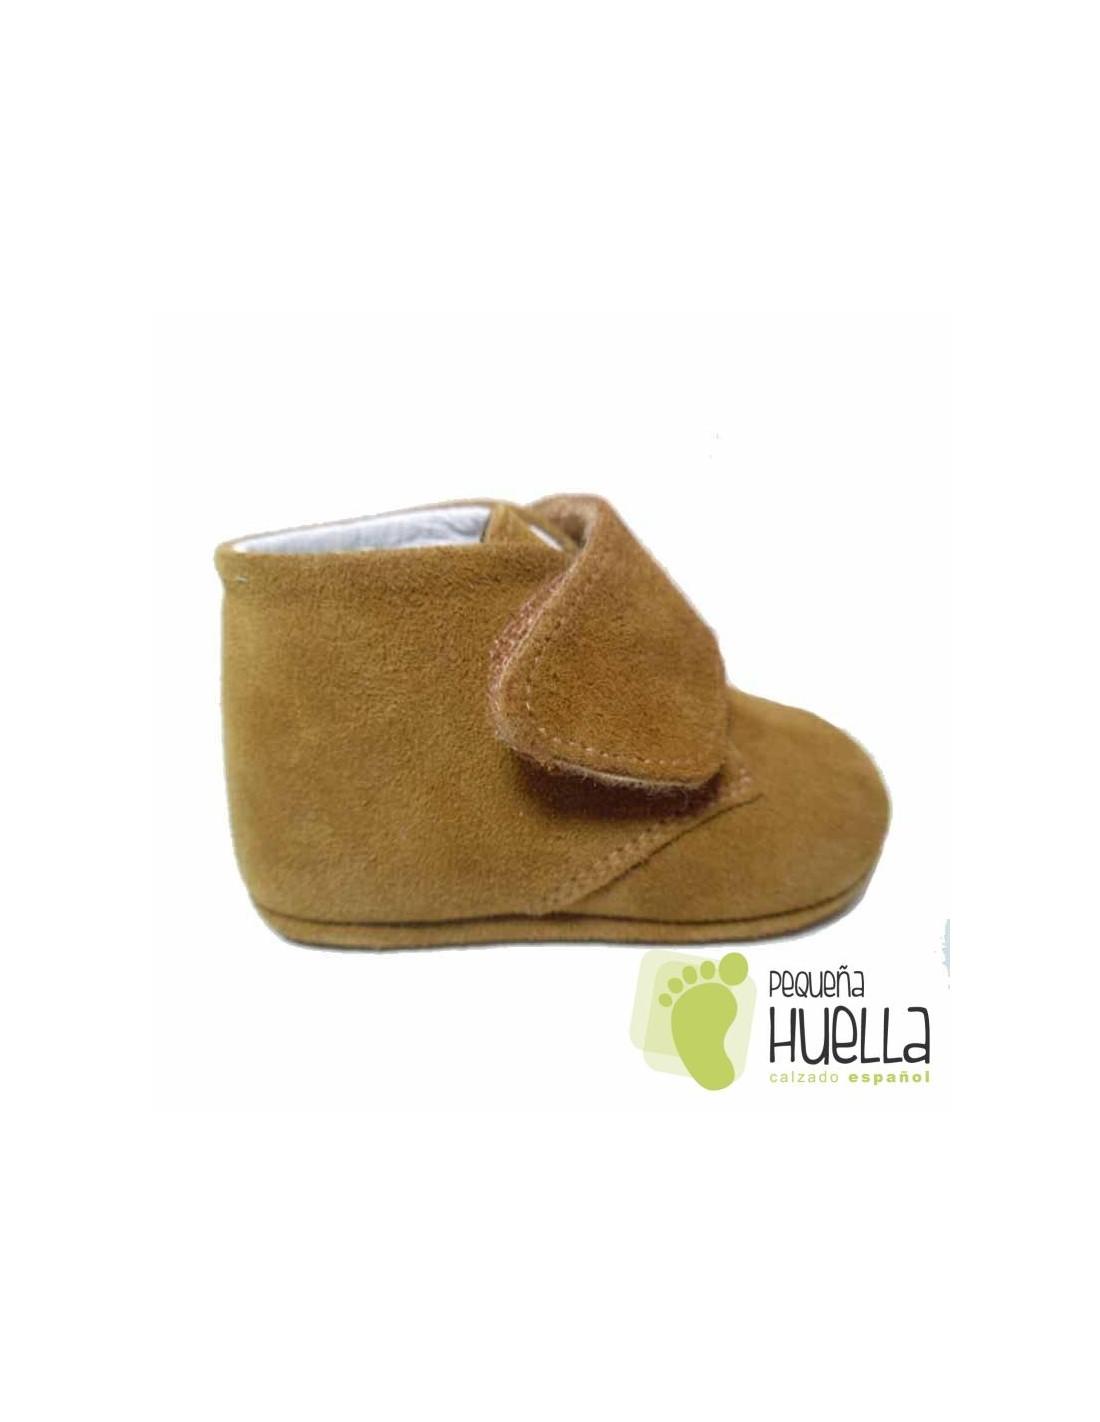 efdaac99b59c9 Comprar botitas serraje para bebe con velcro Online